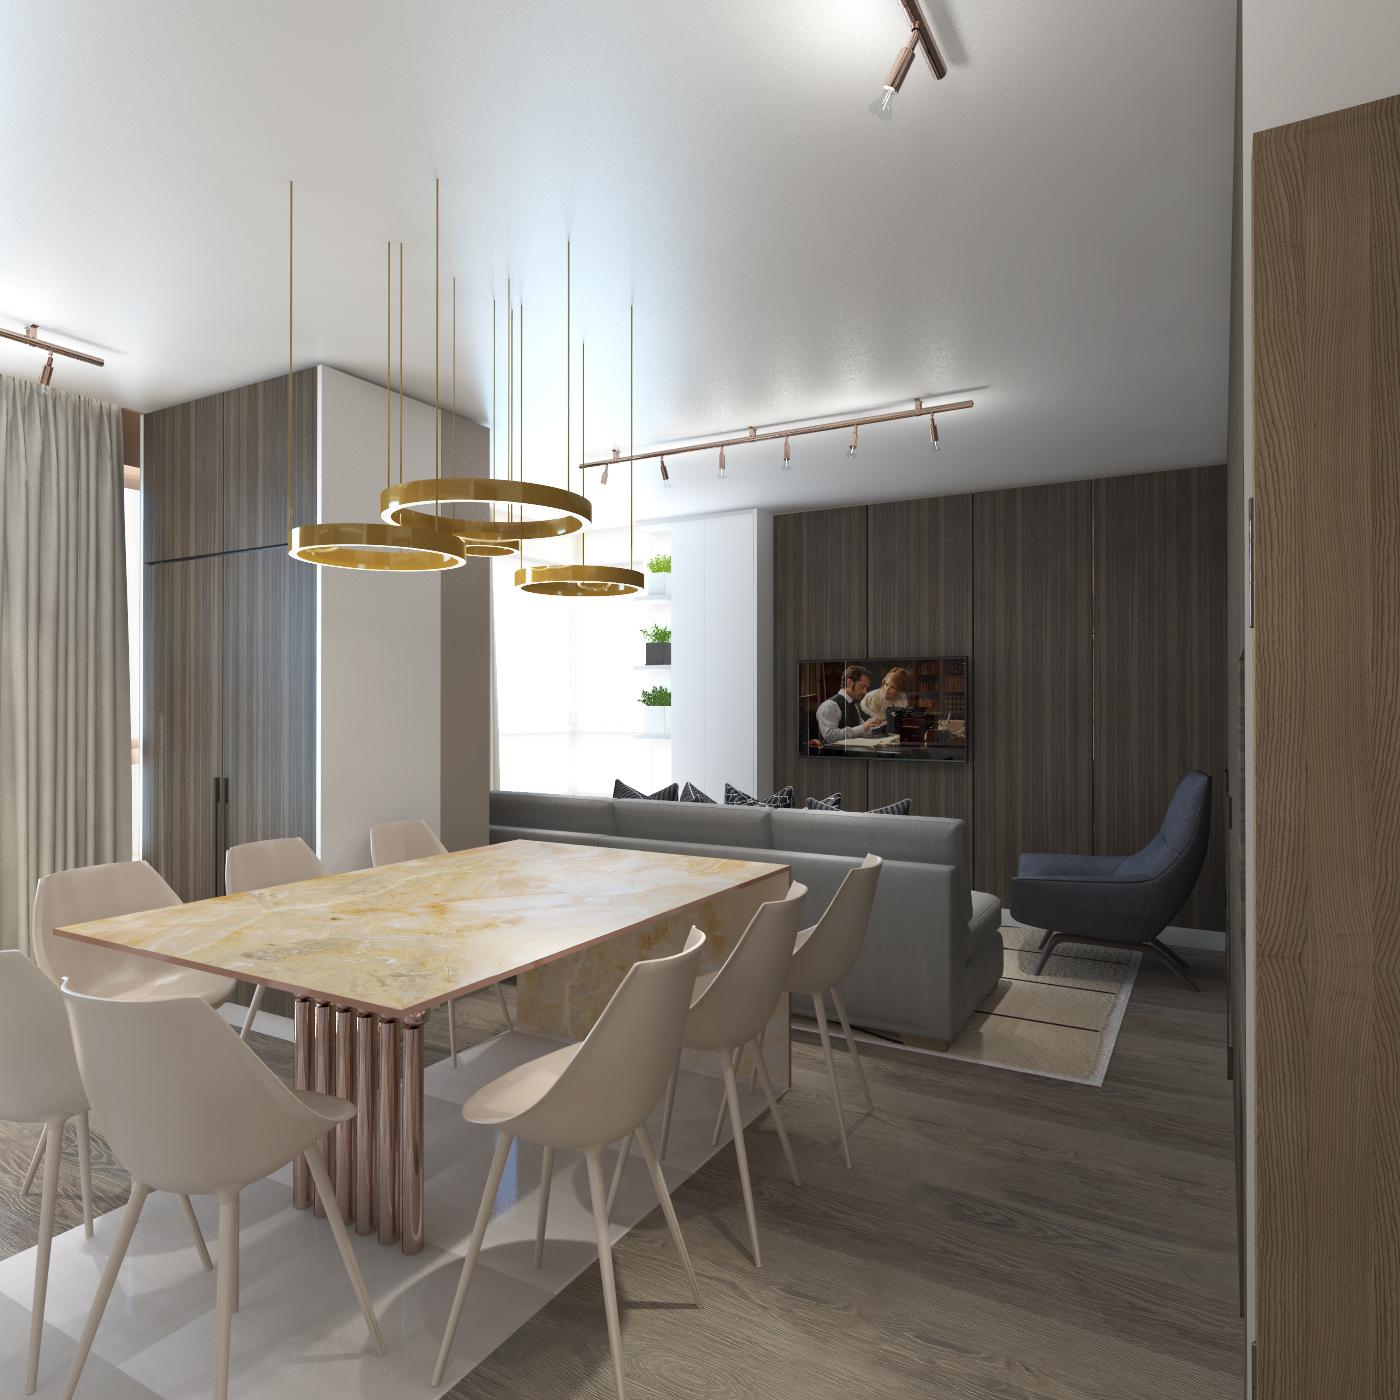 accamera 5 - Кухня-гостиная в стиле Contemporary